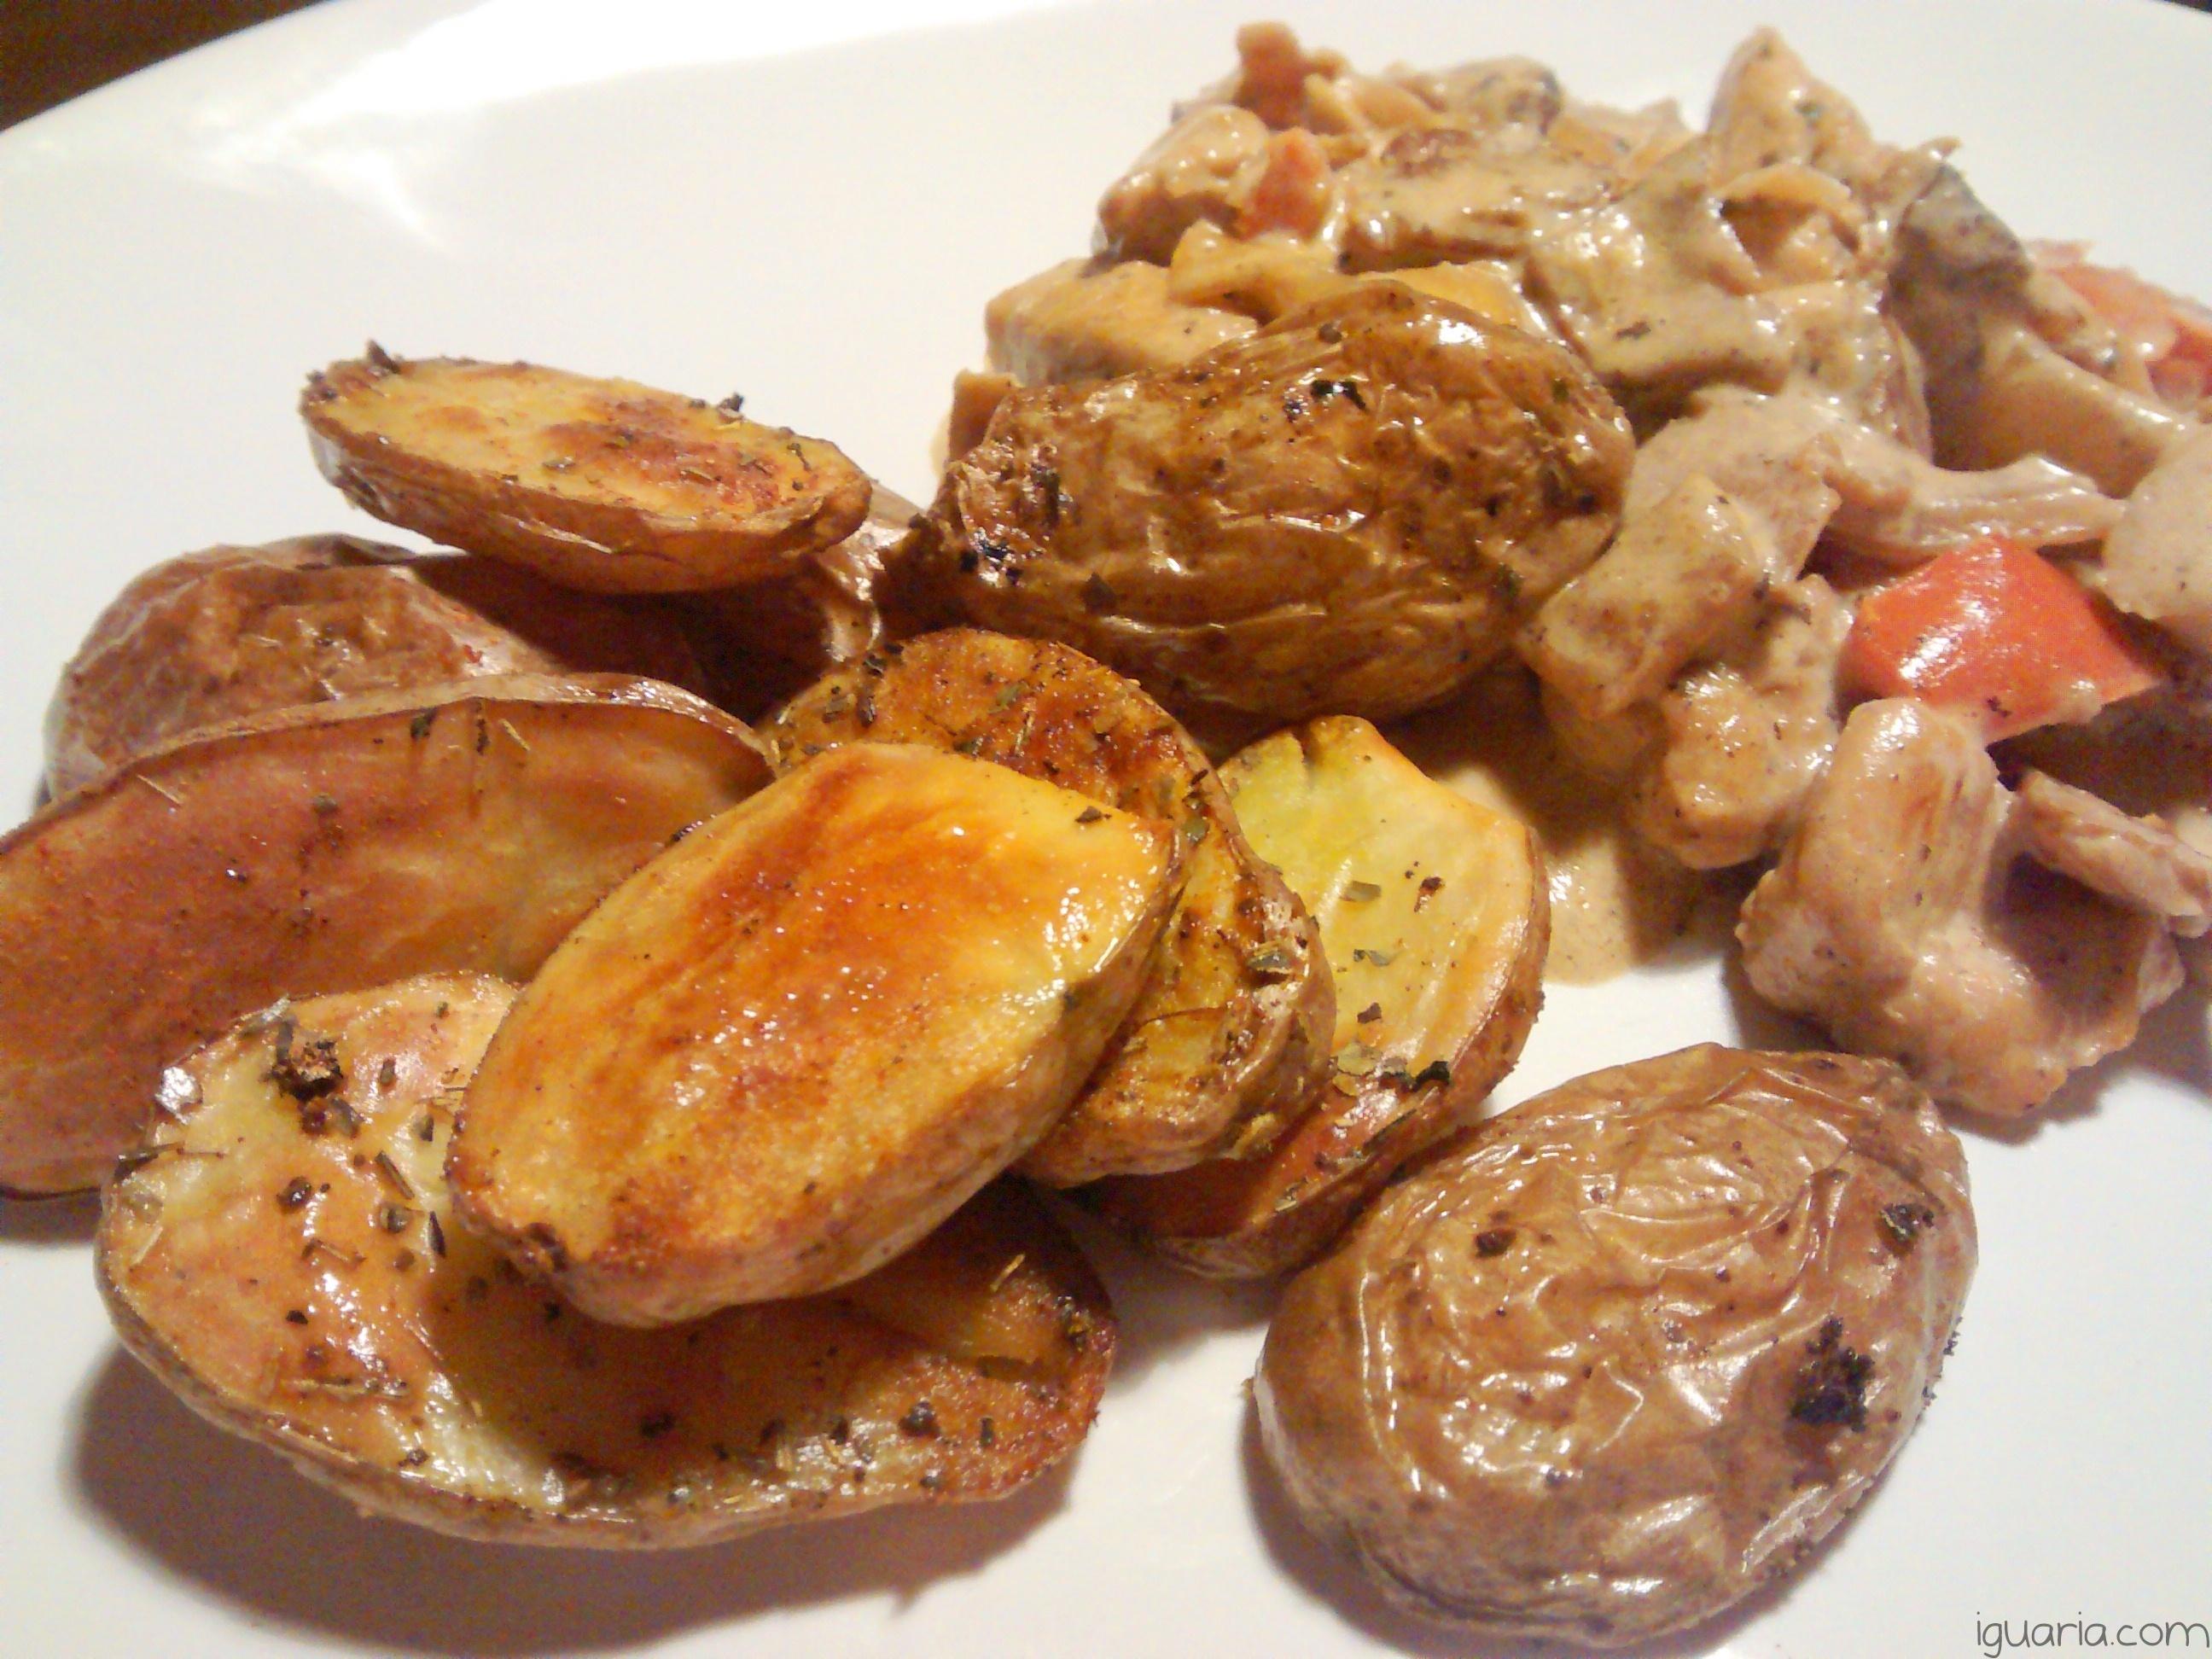 iguaria_batatas-assadas-frango-natas